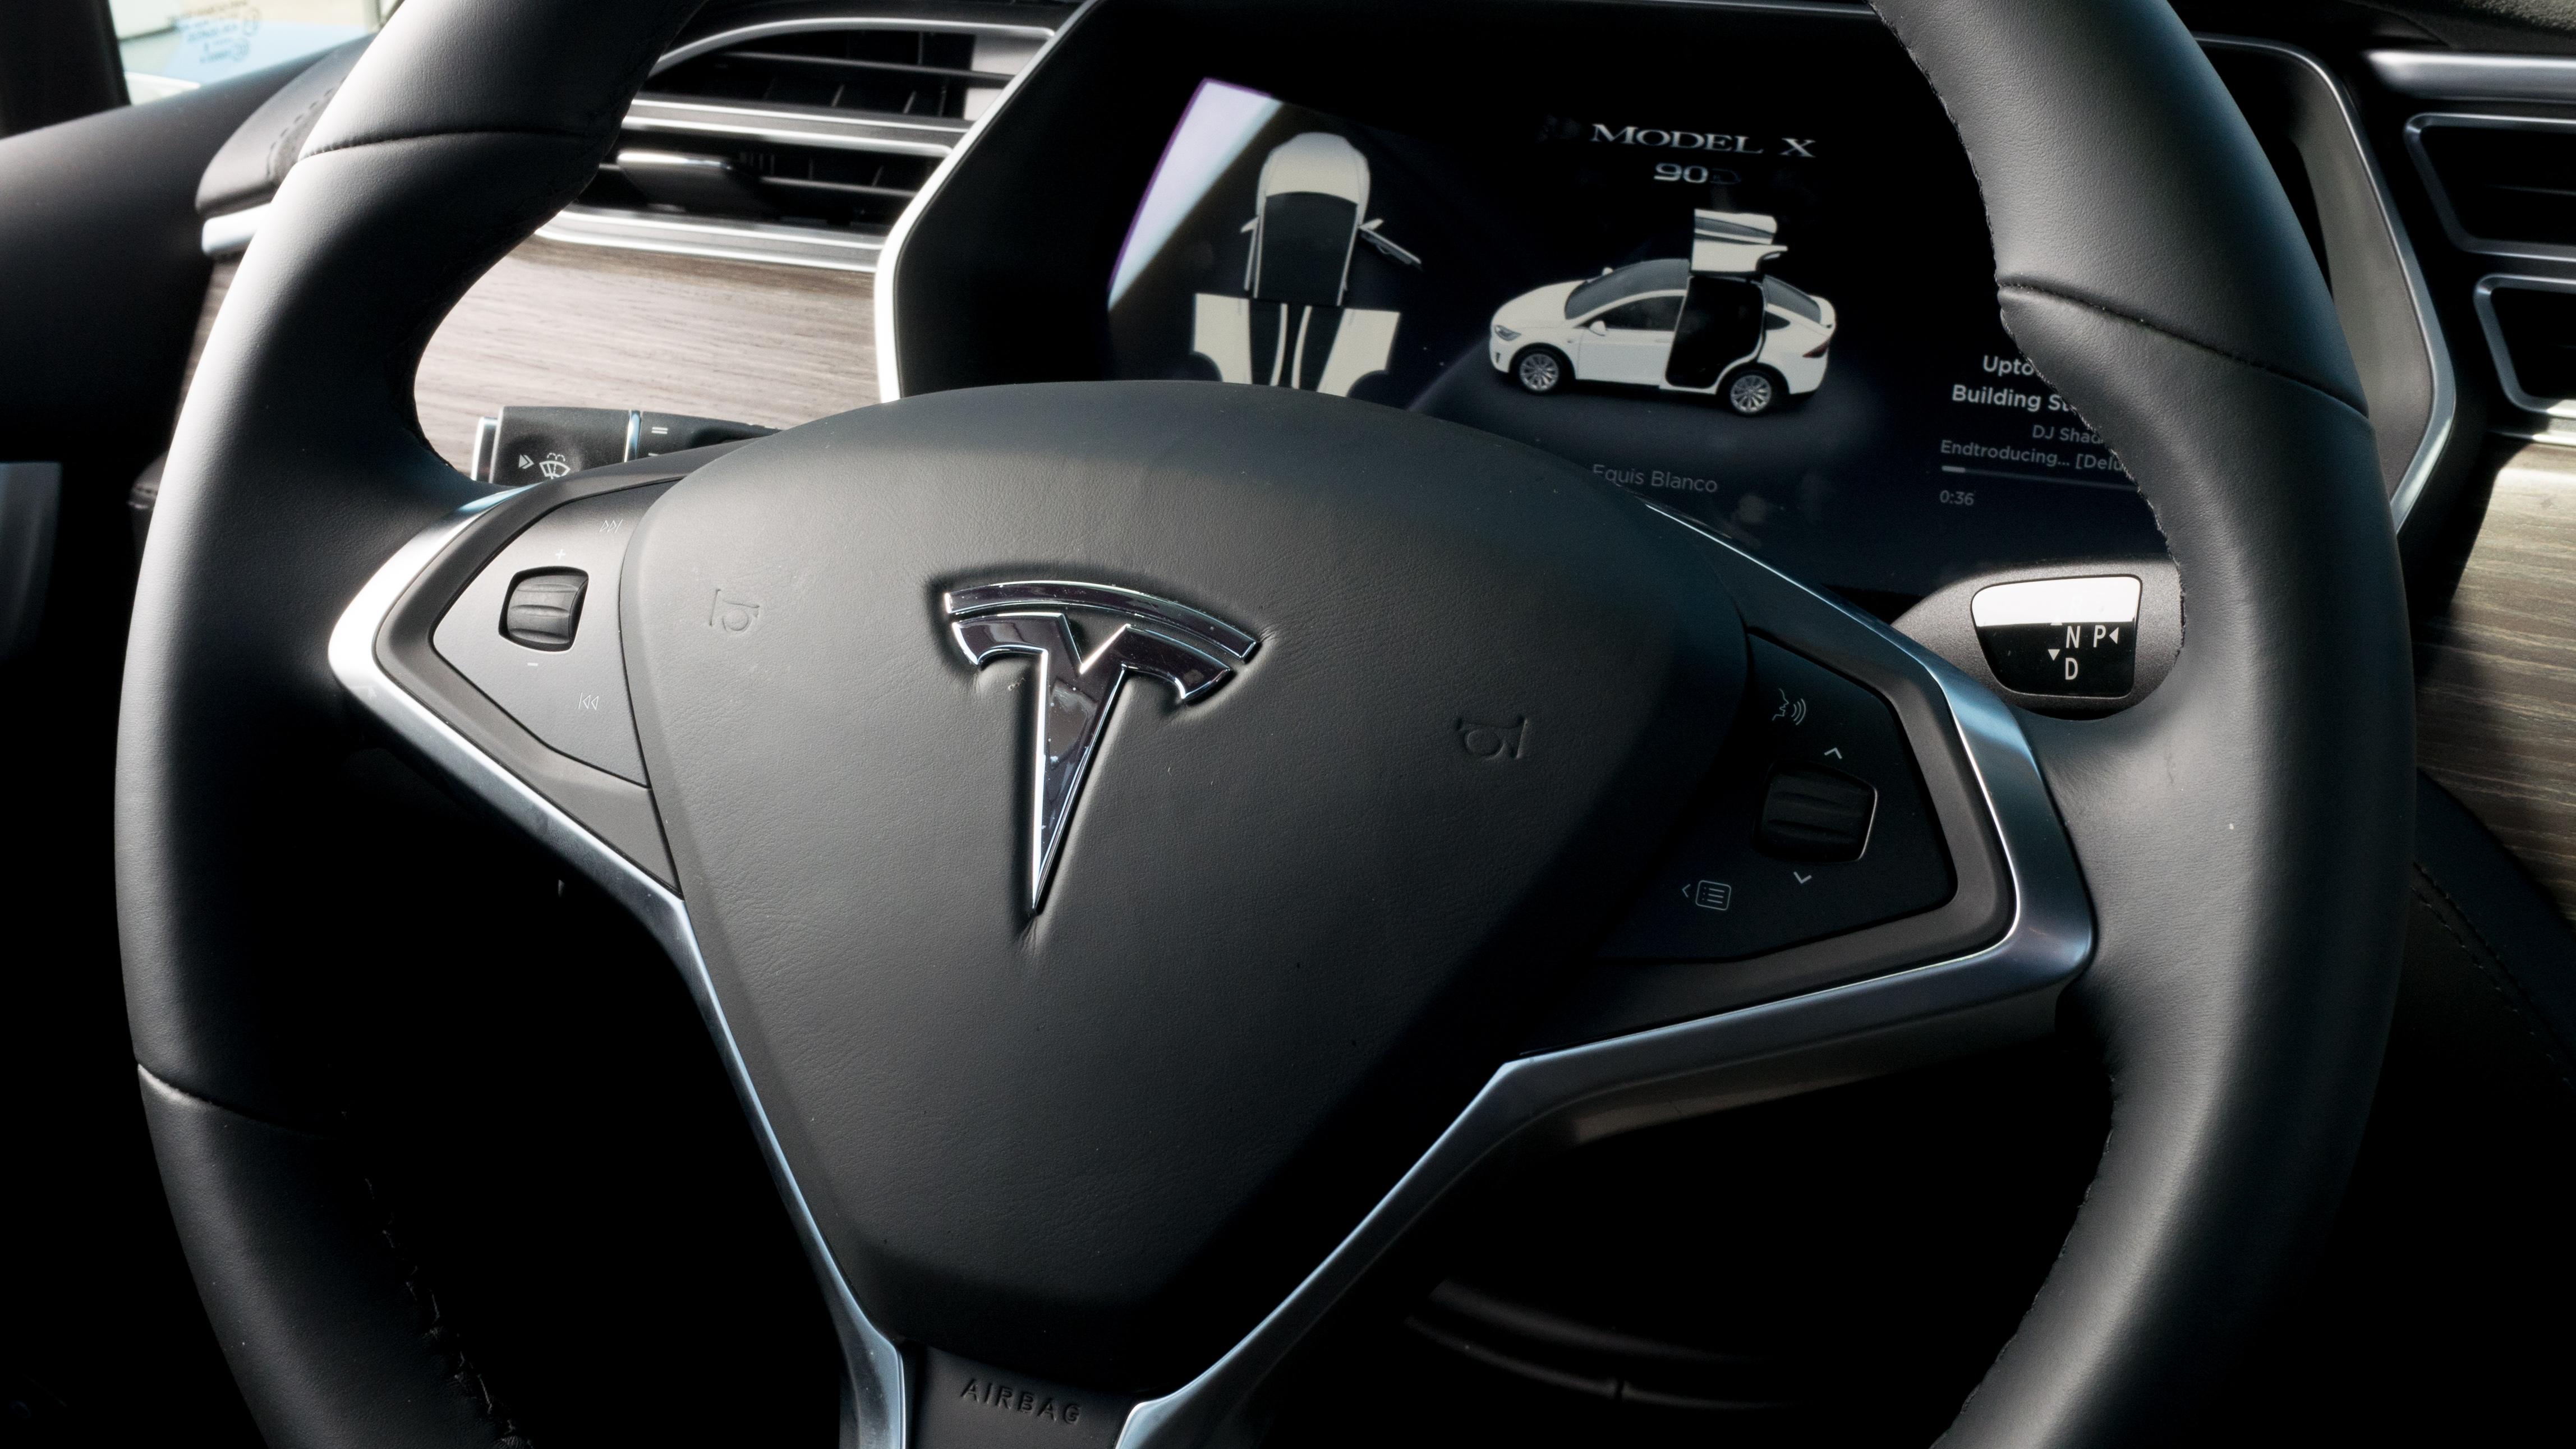 Tesla steering wheel with Tesla logo